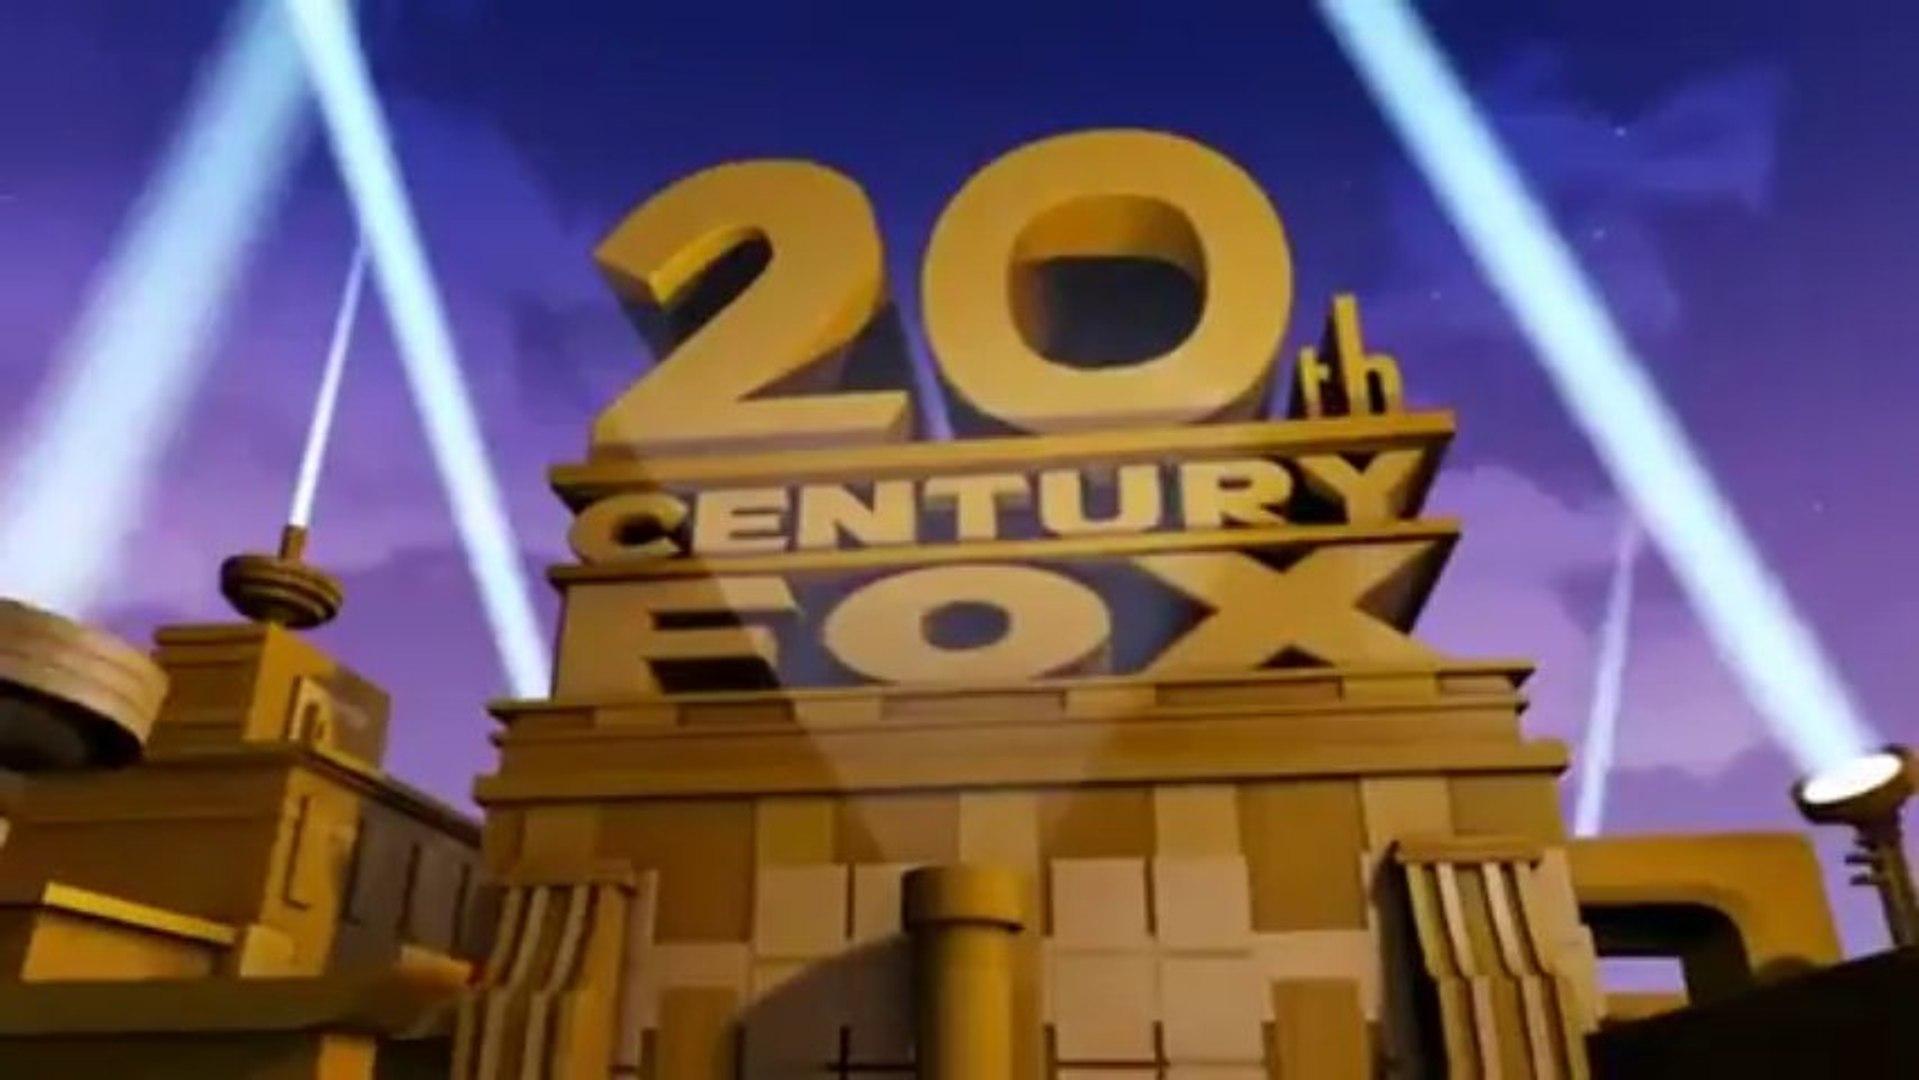 20th Century Fox Intro Cinema 4D UPDATE 32 (Silent)